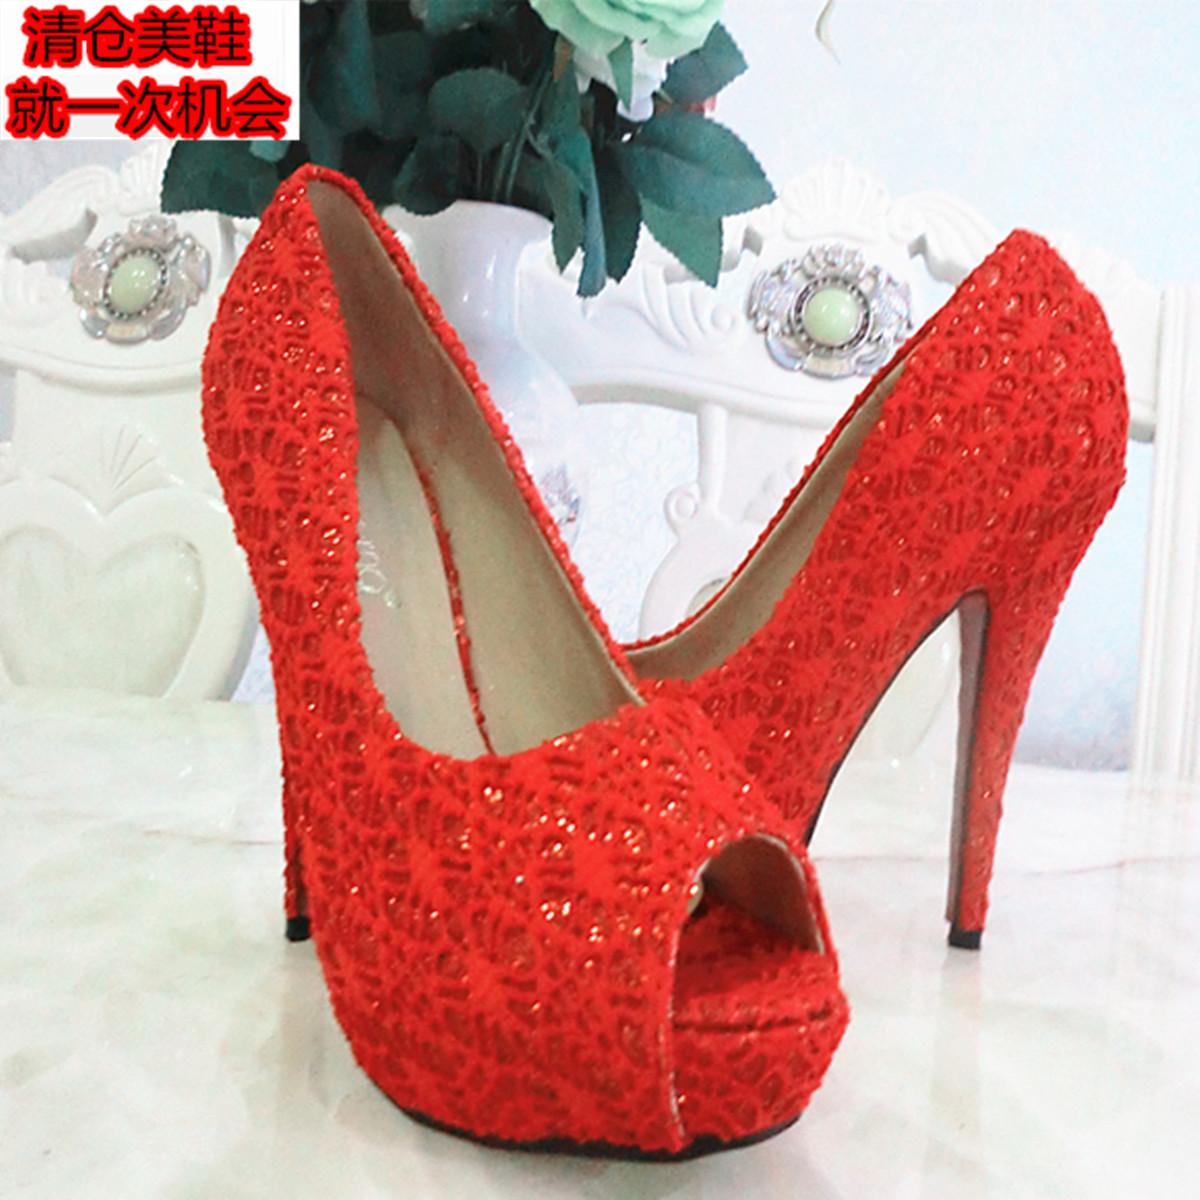 红色鱼嘴鞋 蕾丝鱼嘴14厘米红色高跟 断码清仓 亏本特价 女鞋凉鞋女_推荐淘宝好看的红色鱼嘴鞋